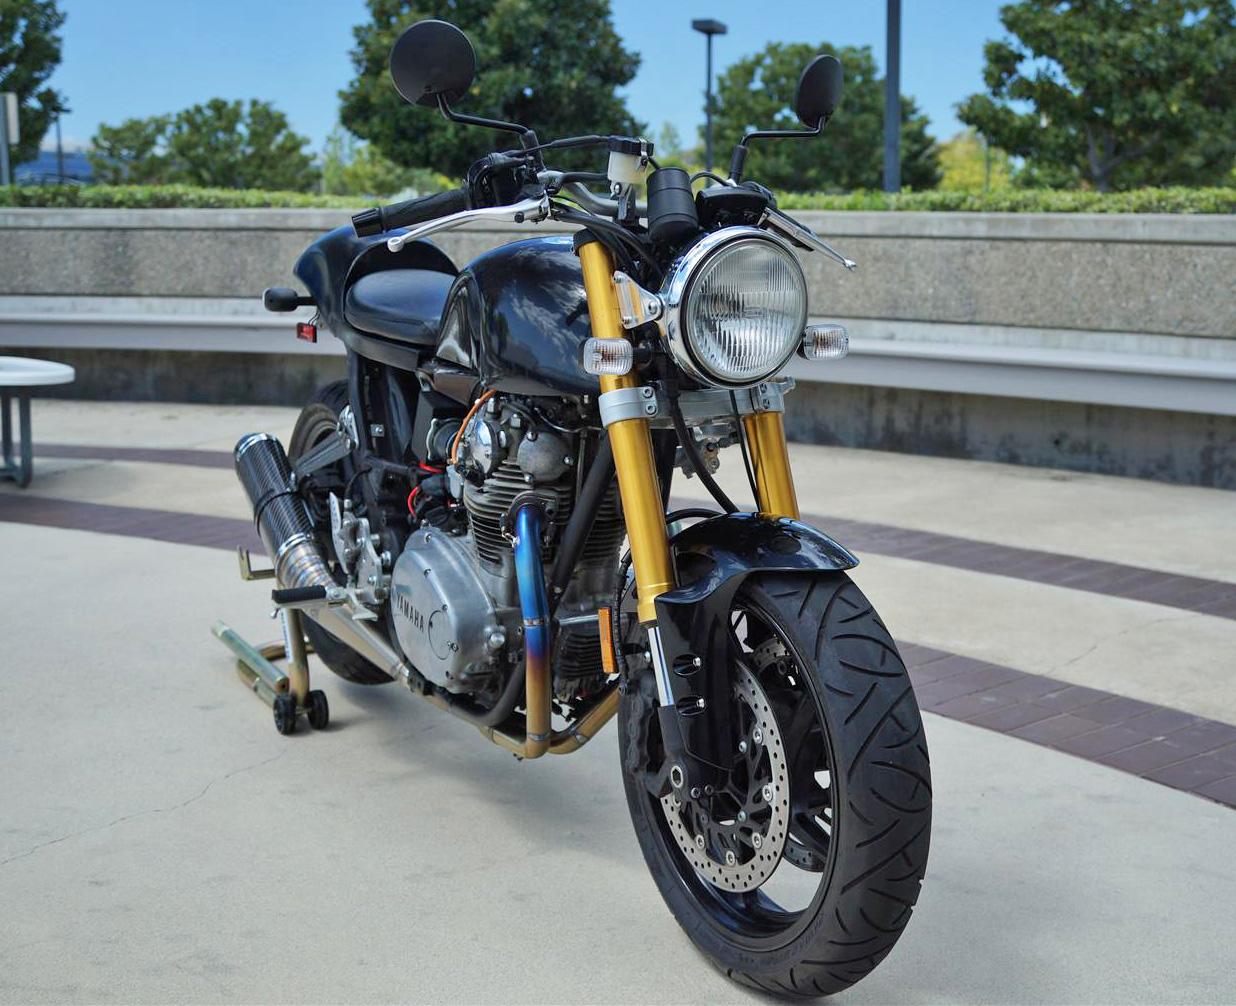 1979 yamaha xs650 cafe racer - way2speed